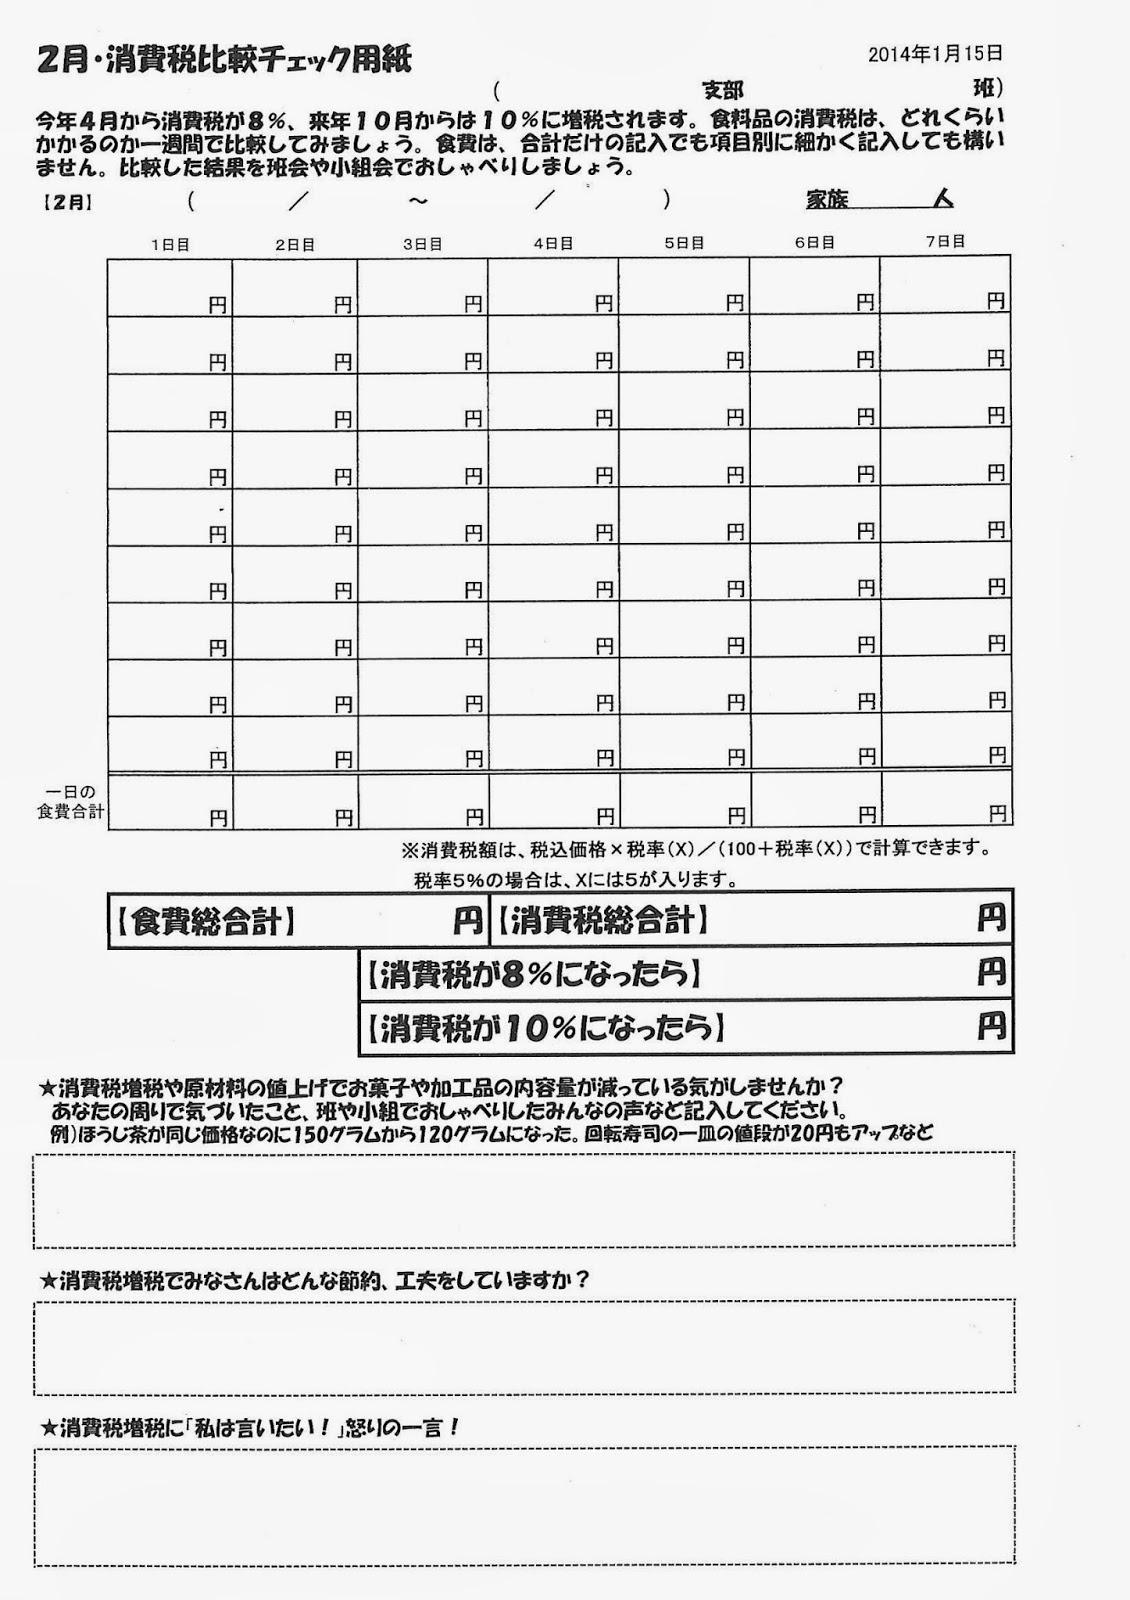 http://shinfujin-hokkaido.com/w/wp-content/uploads/2014/02/9fed2f1af22d44a1fb2bff698f64a4ba.pdf